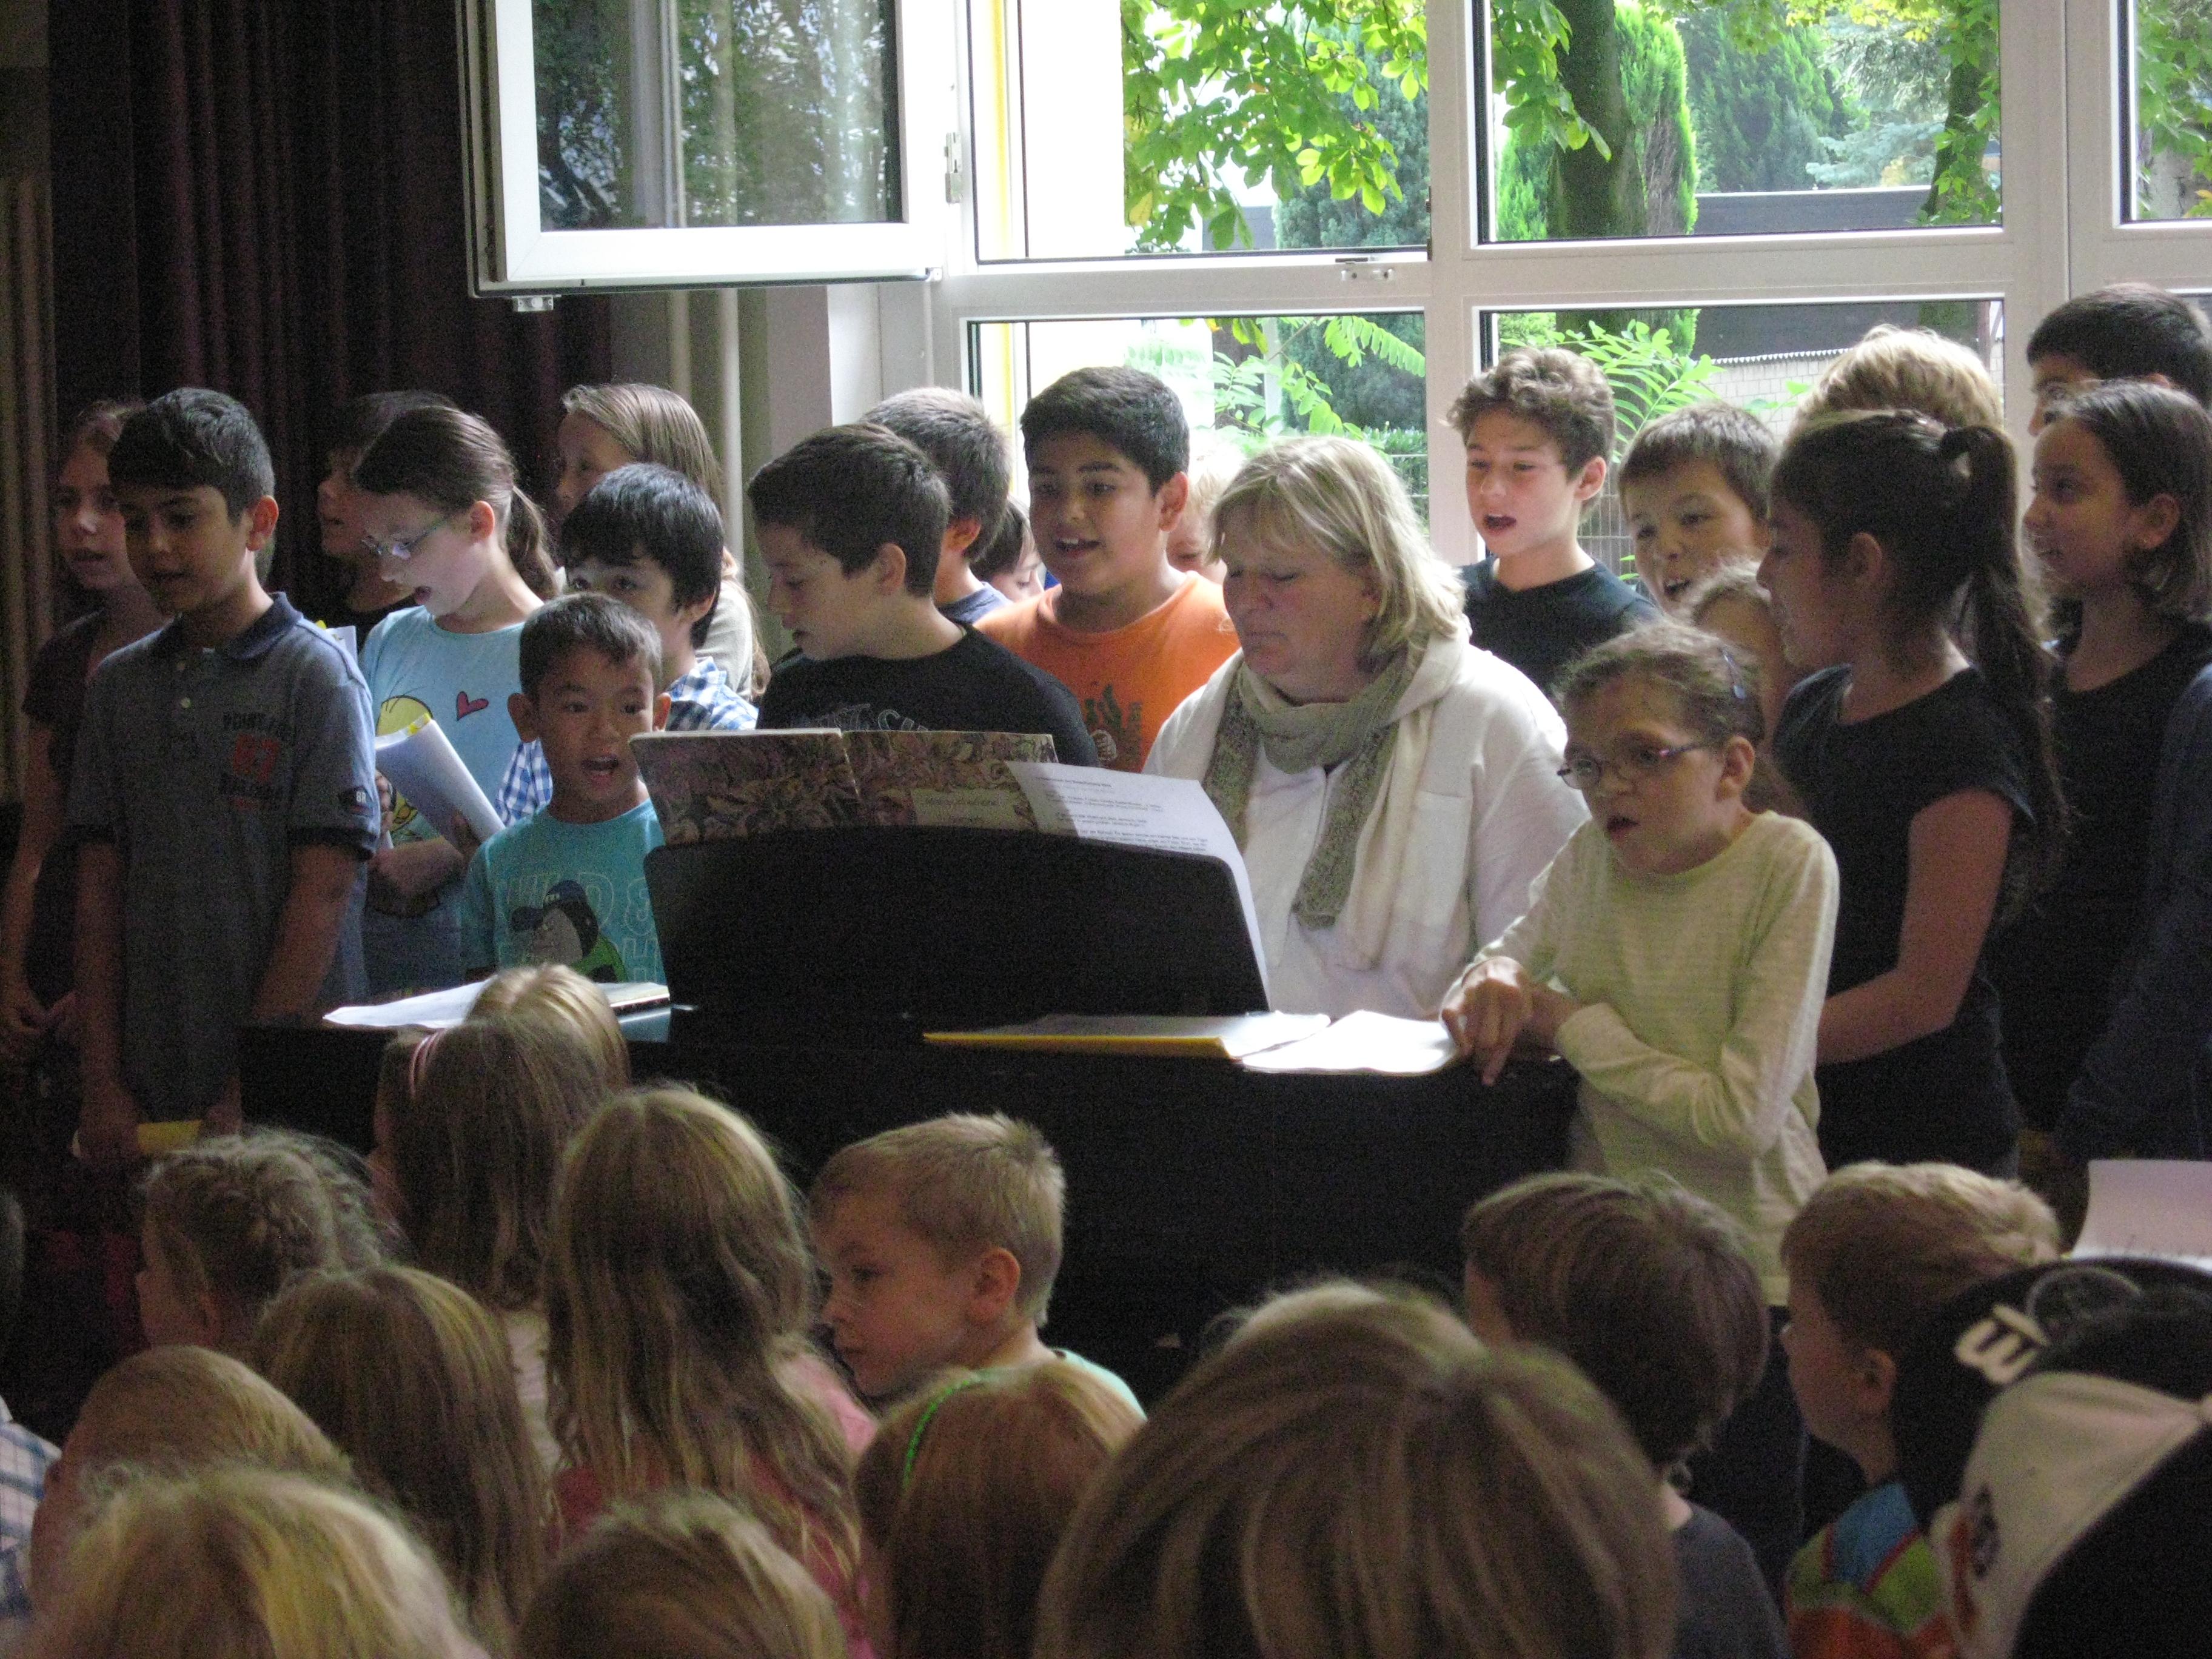 Kinder der Chor-AG stehen um das Klavier und singen